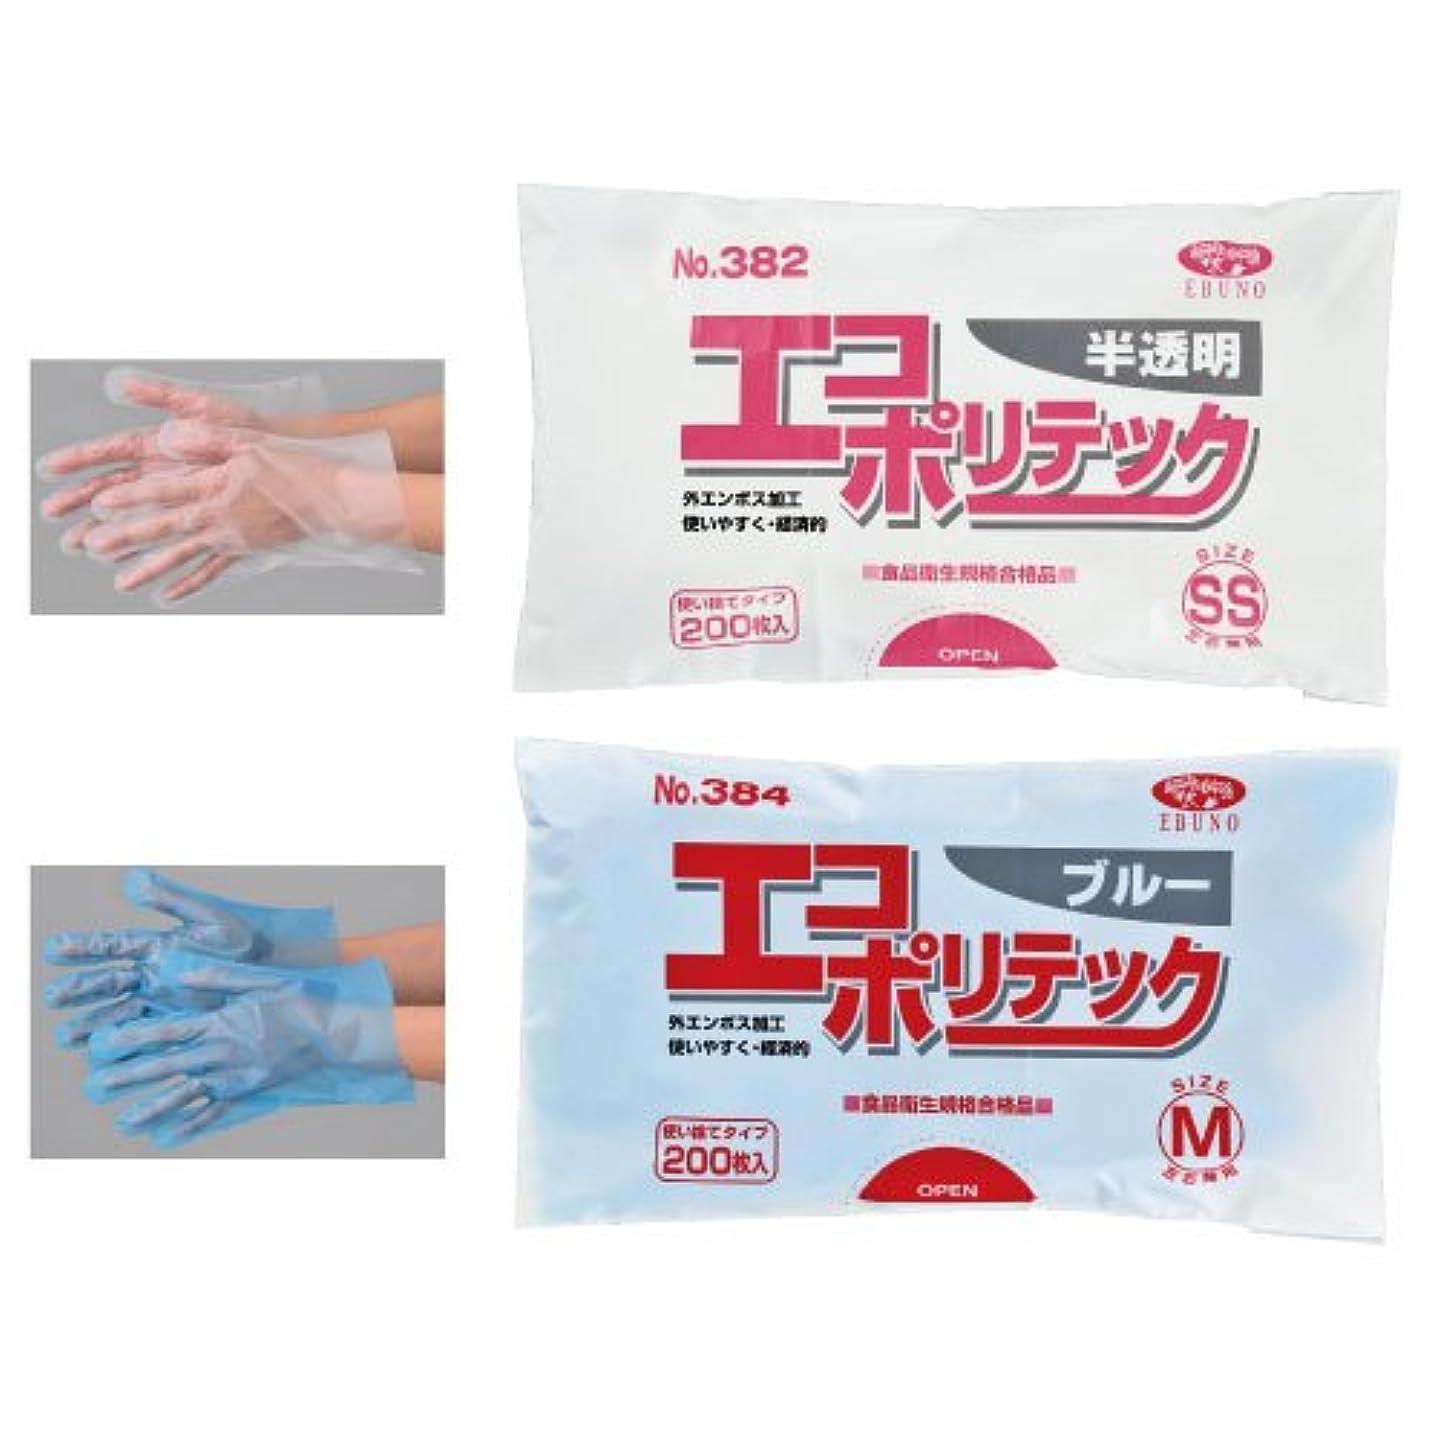 倫理食用白菜エブノ ポリエチレン手袋 No.382 L 半透明 (200枚×30袋) エコポリテック 袋入